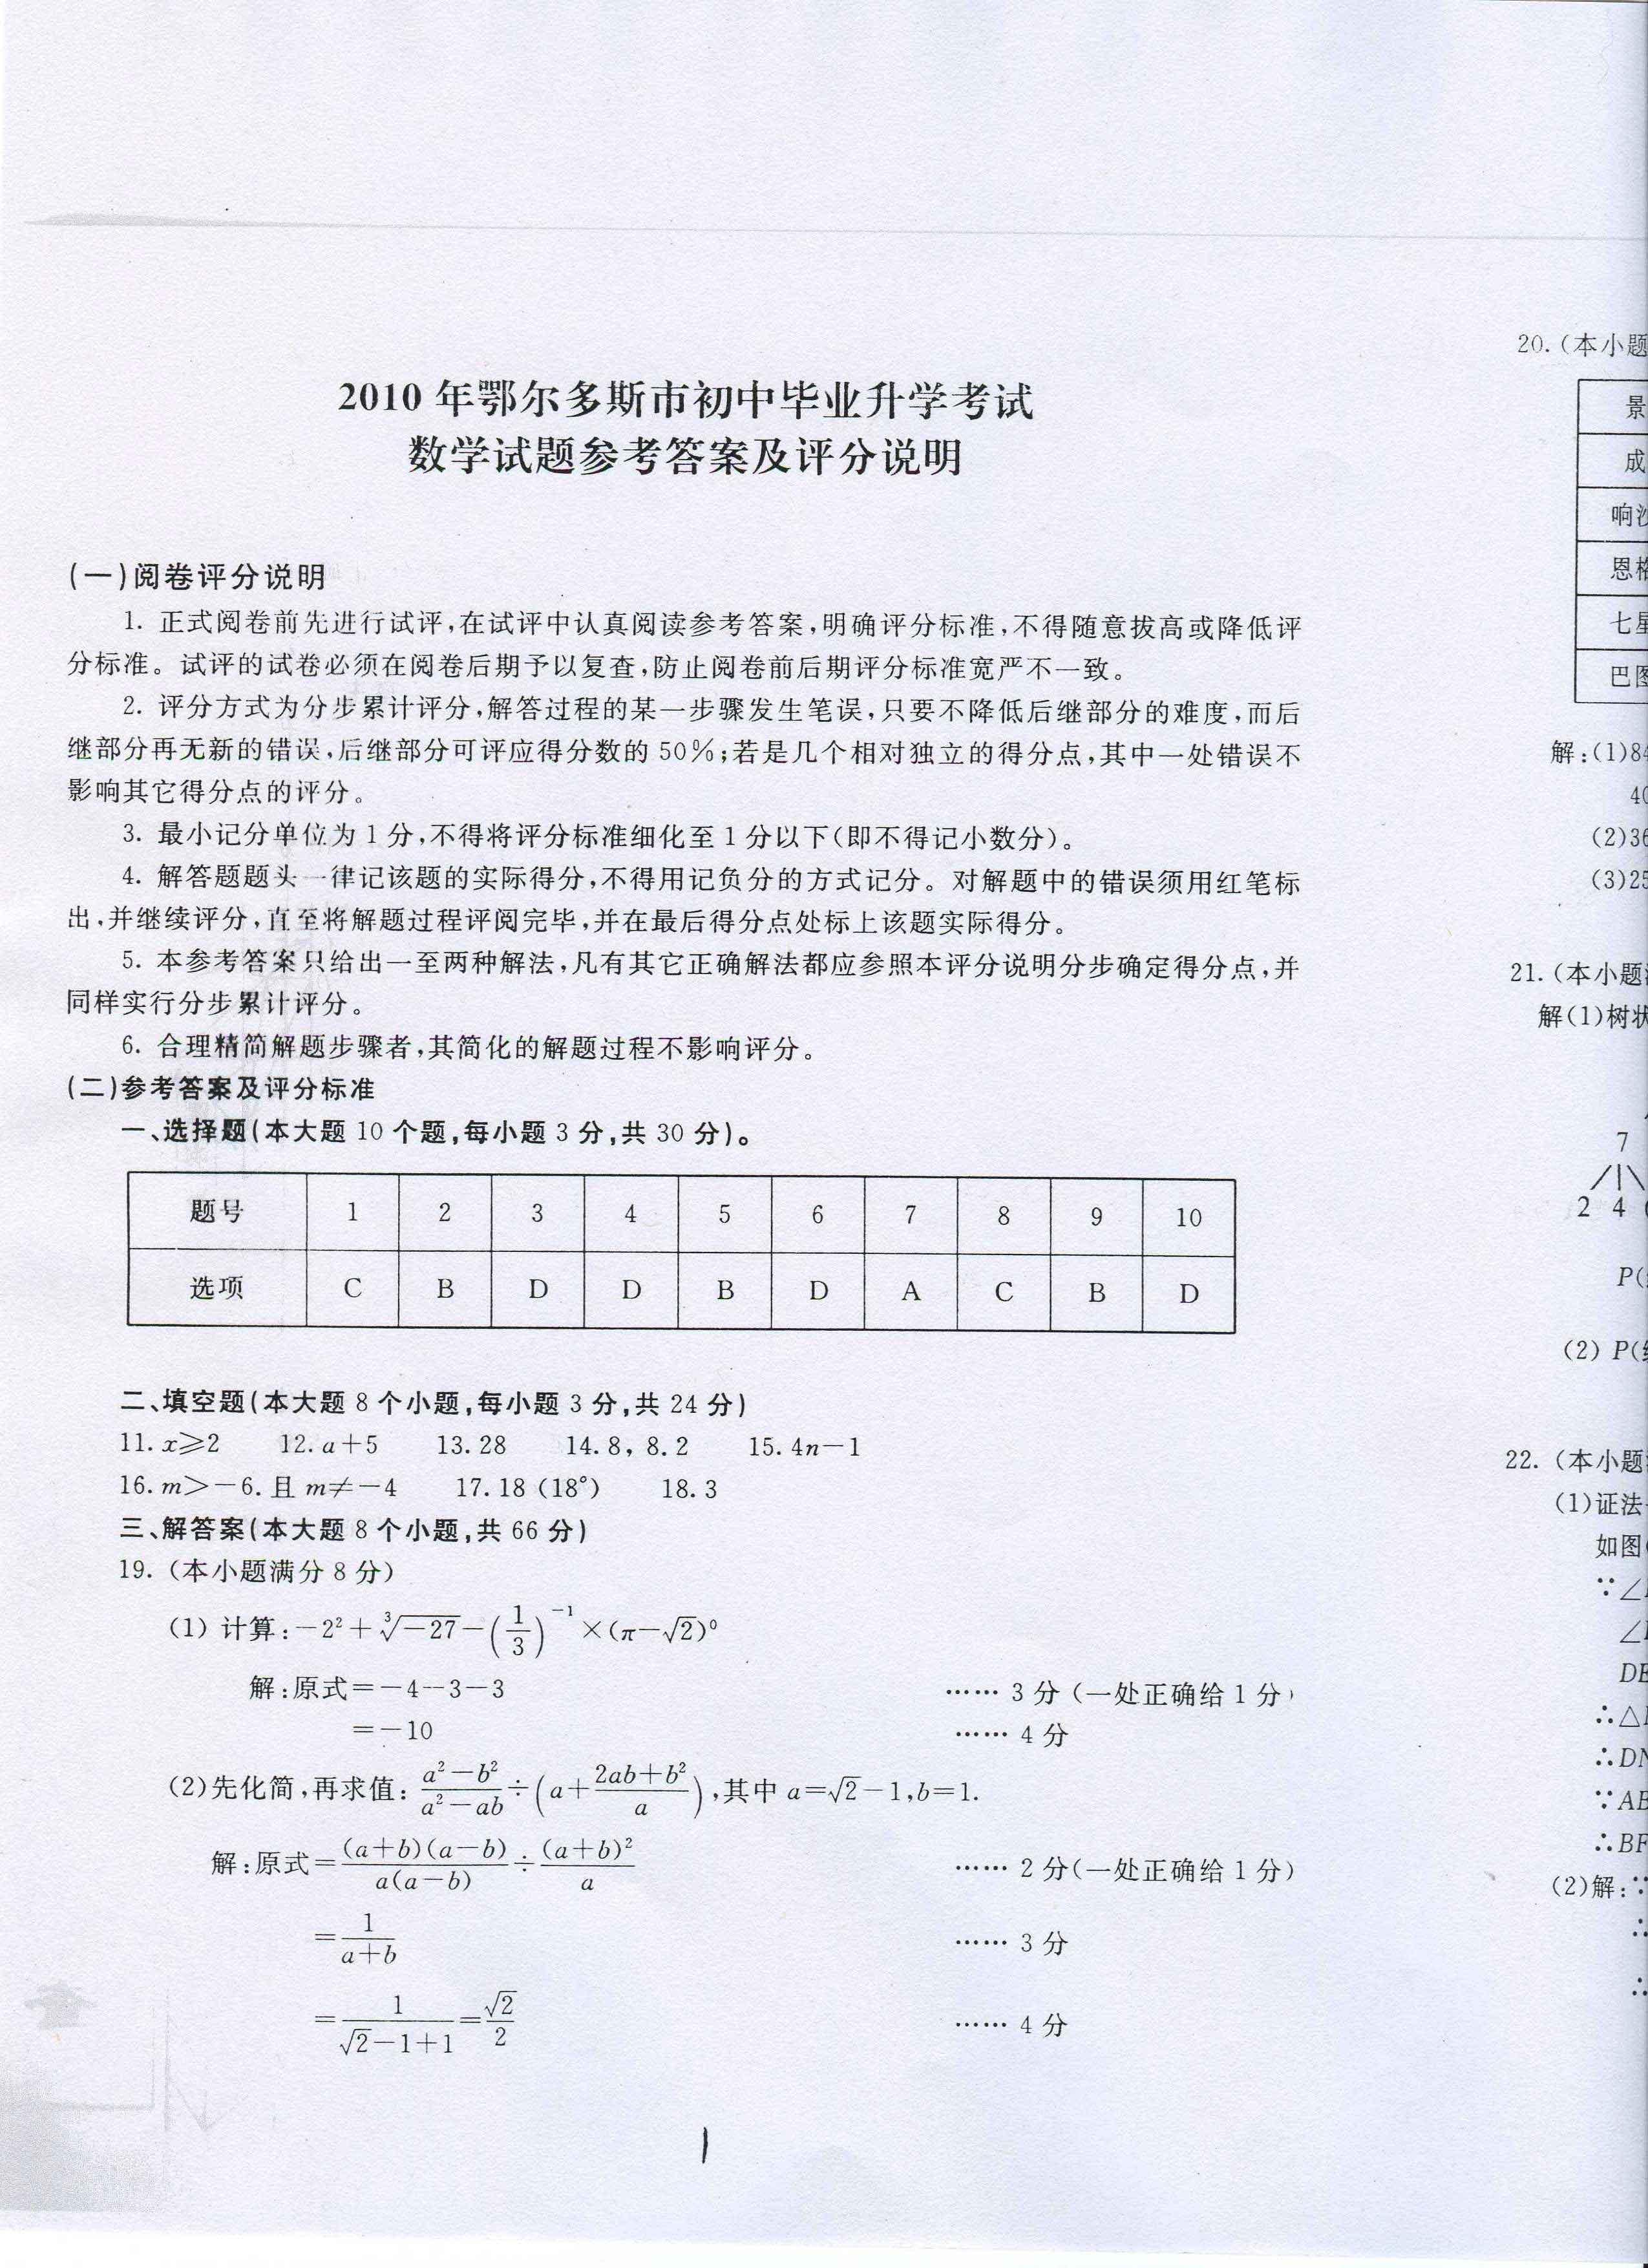 2010鄂尔多斯中考数学试题及答案(图片版)